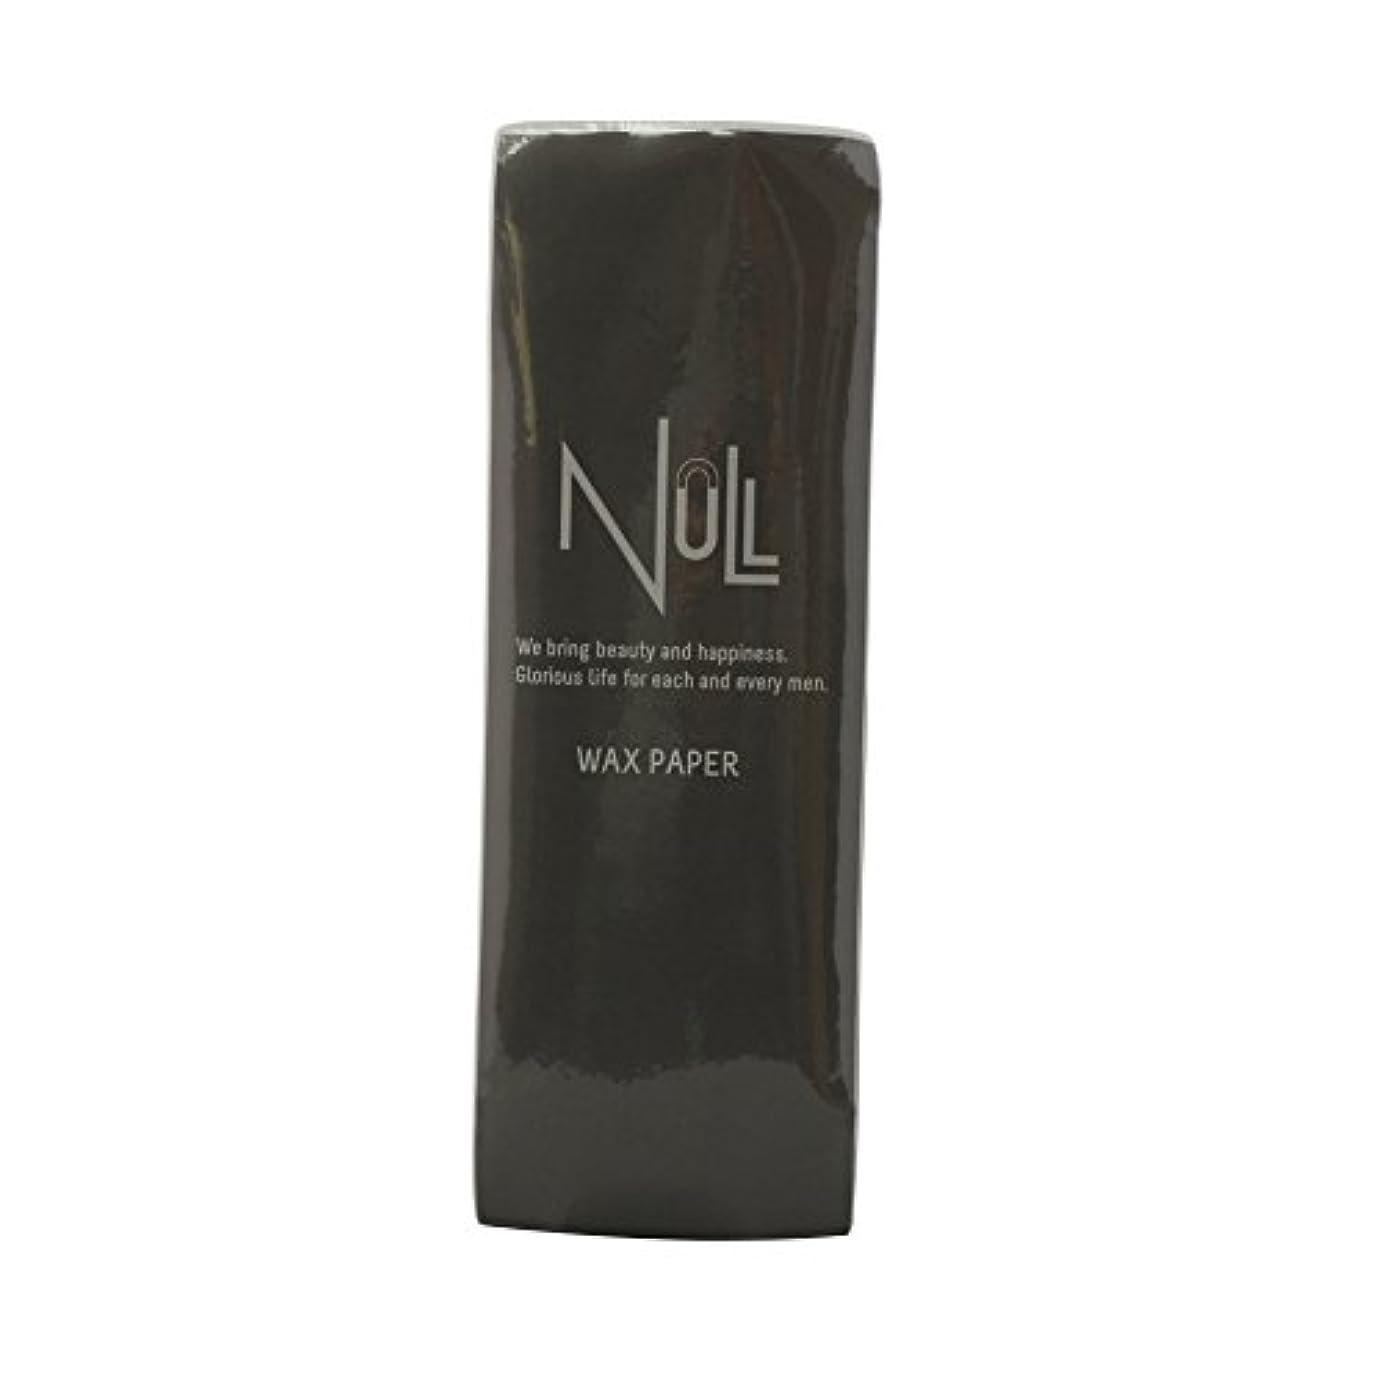 定義バイオレット消えるNULL ブラジリアンワックス用ペーパー 100枚入り 70mm幅 ワックス脱毛 専用